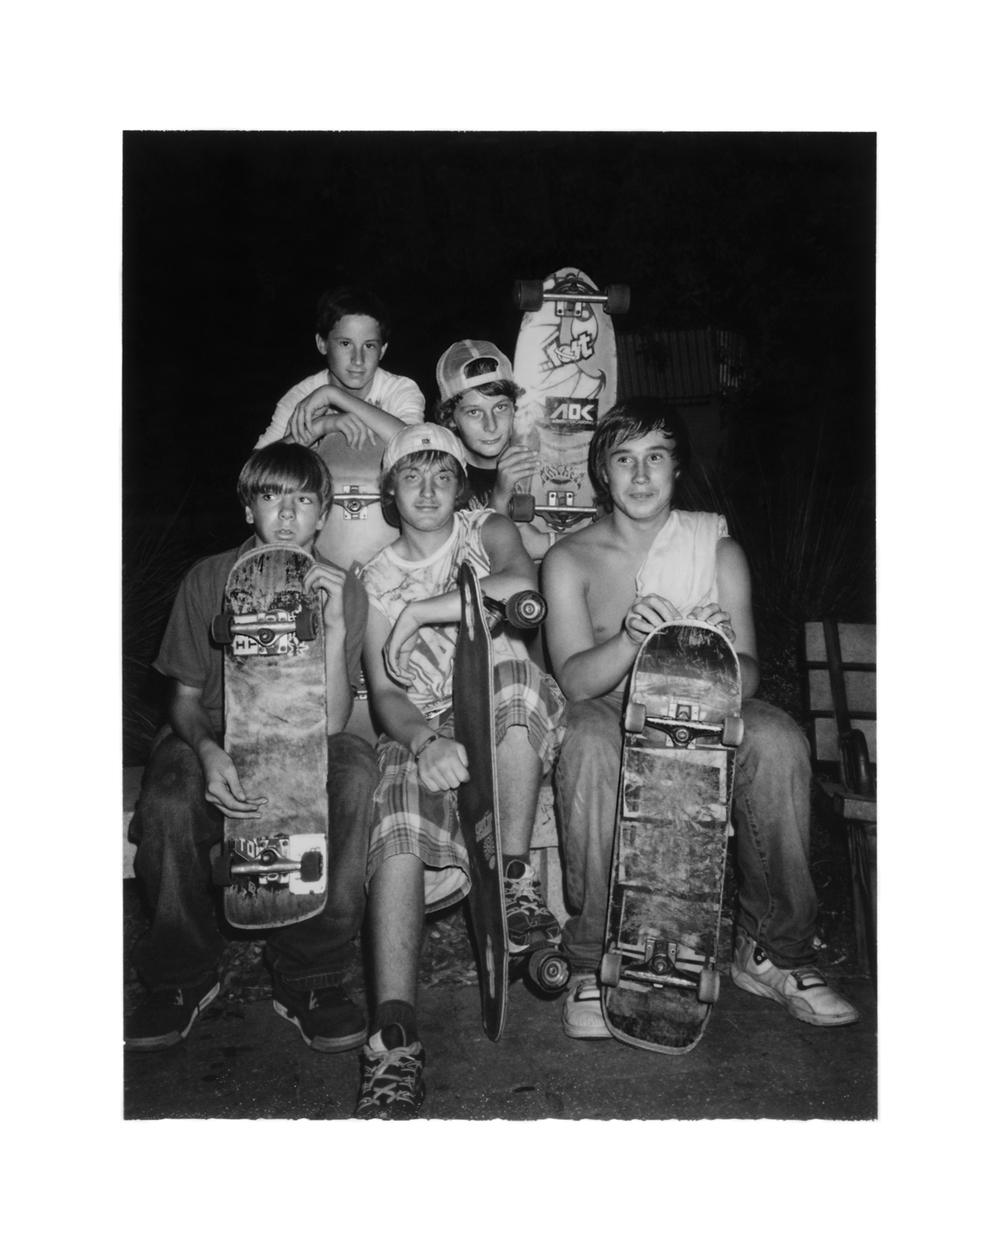 Tybee Skateboarders